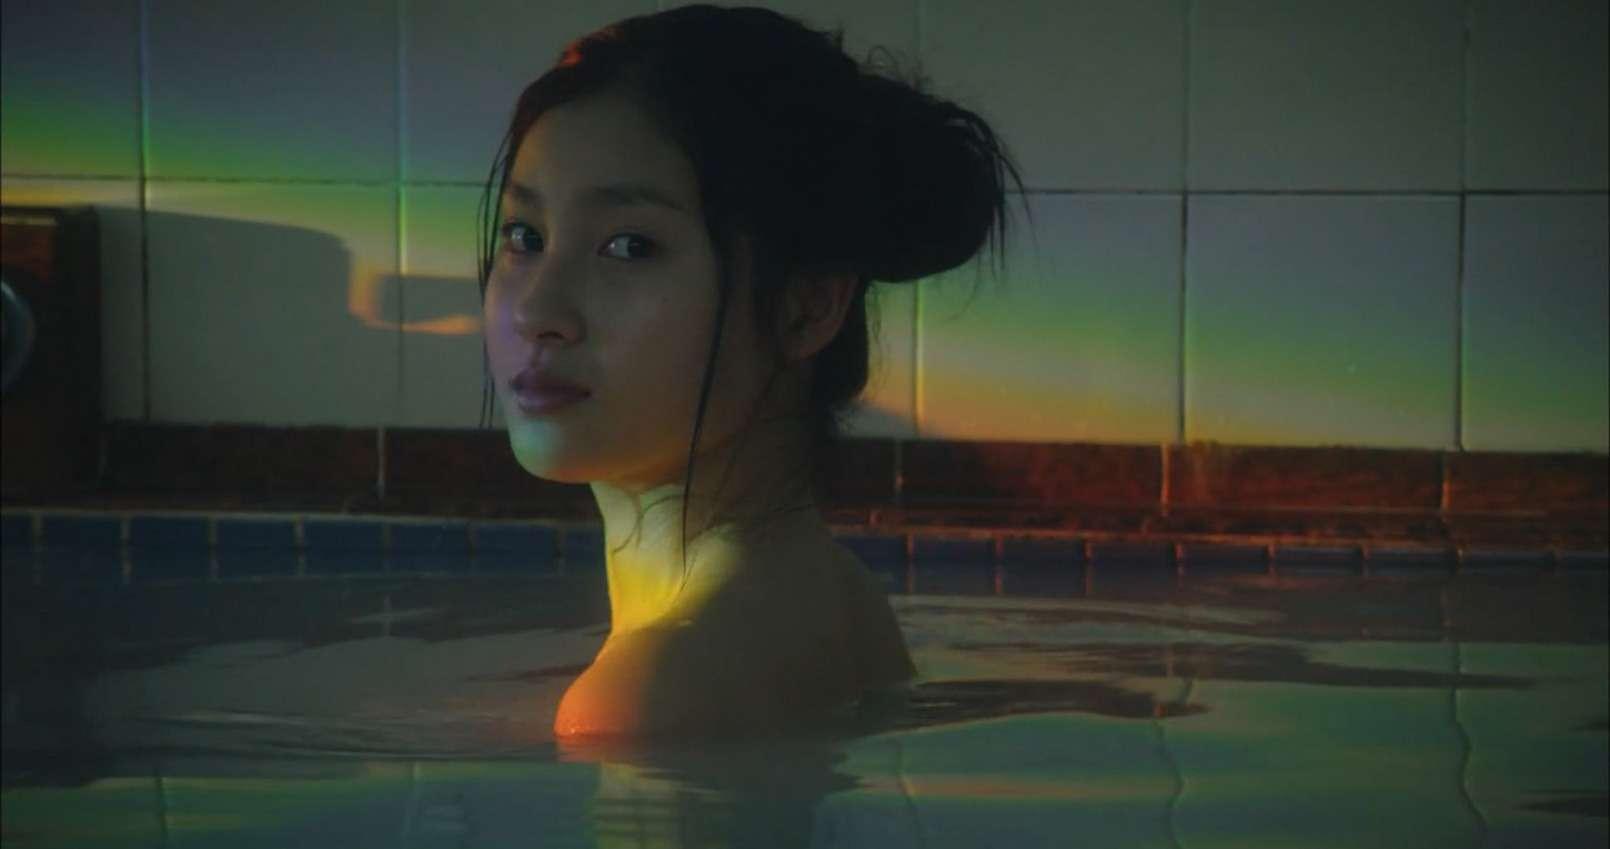 土屋太鳳(22)のアイコラ・胸チラ・グラビア…etcエロ画像80枚・96枚目の画像